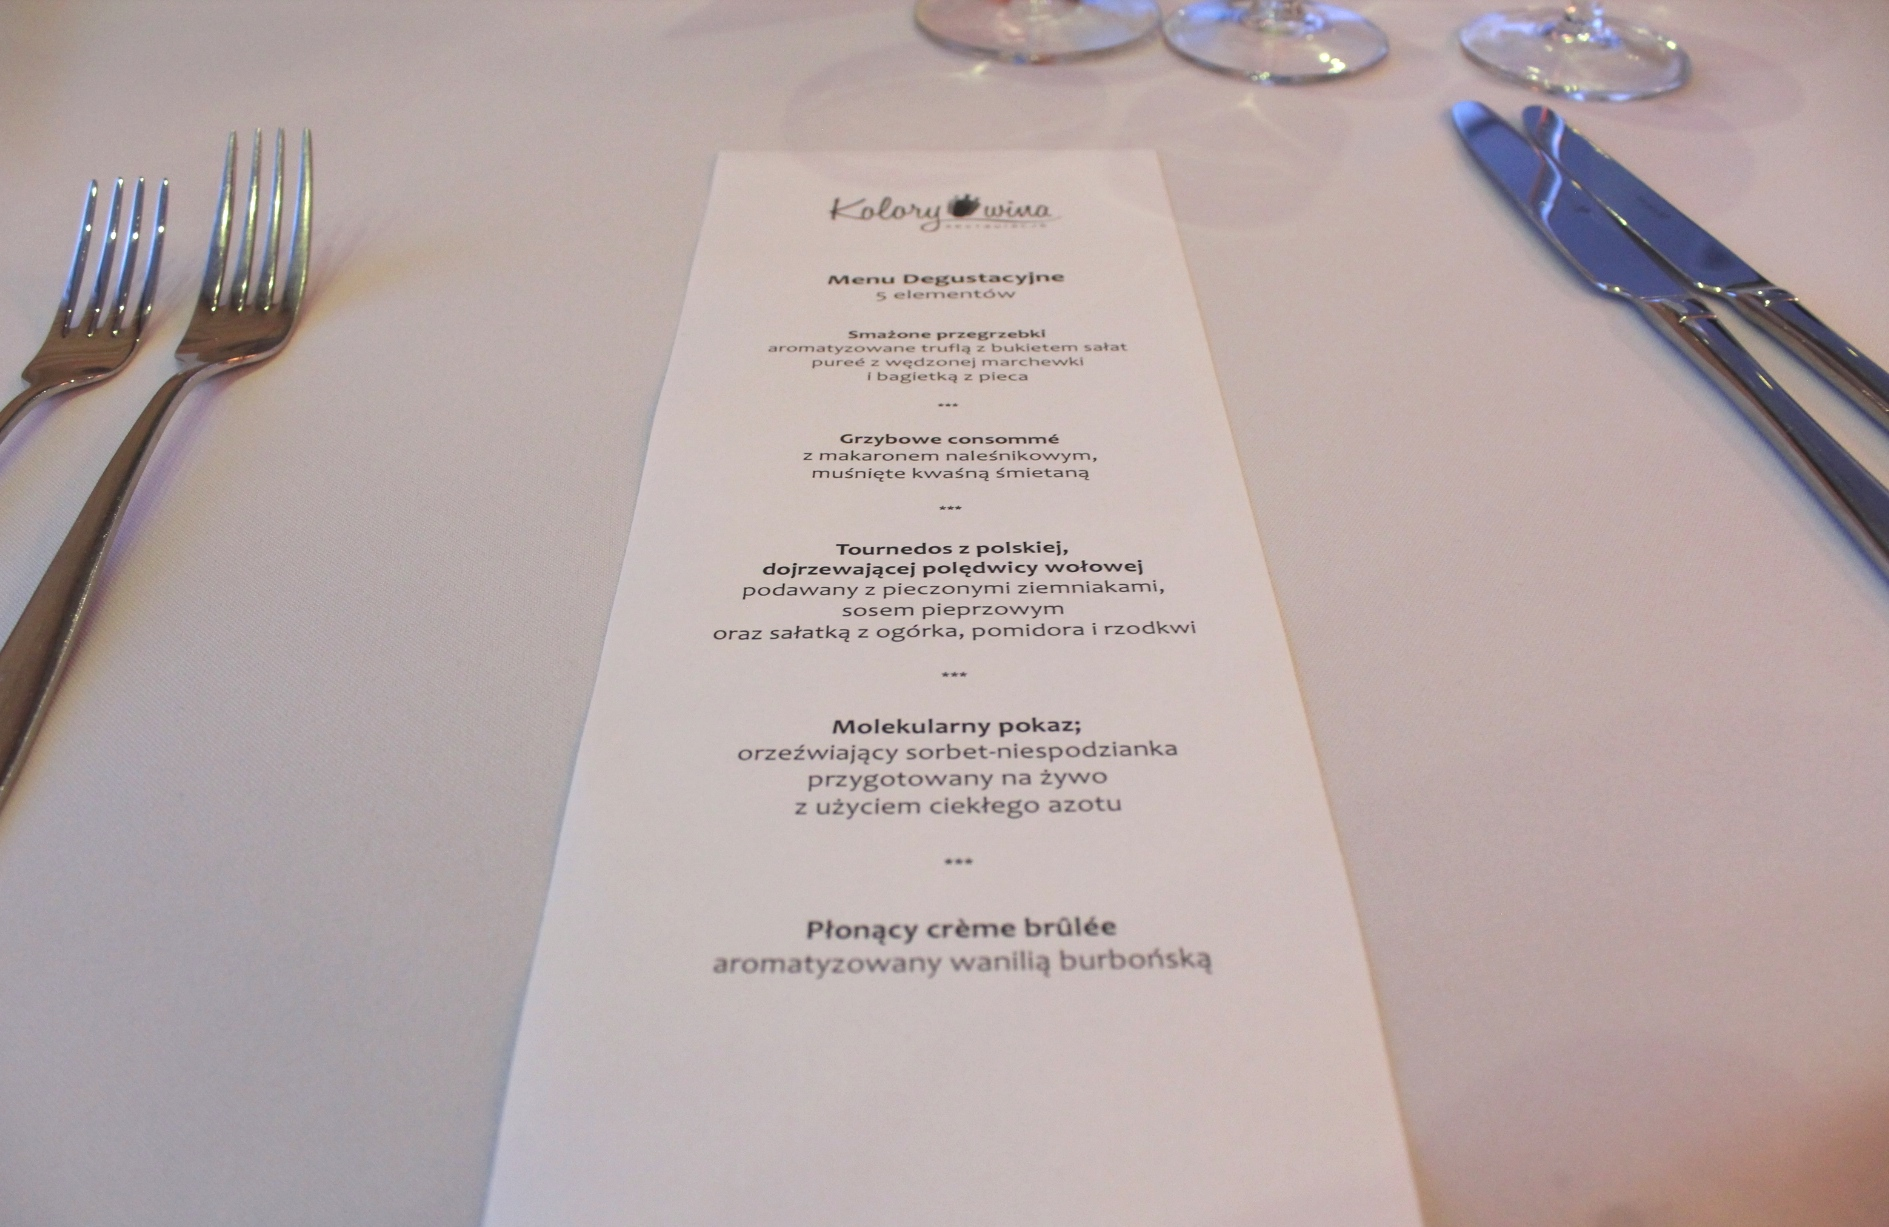 Menu degustacyjne Kolory wina Hotel Nobo 4 Senses.TV